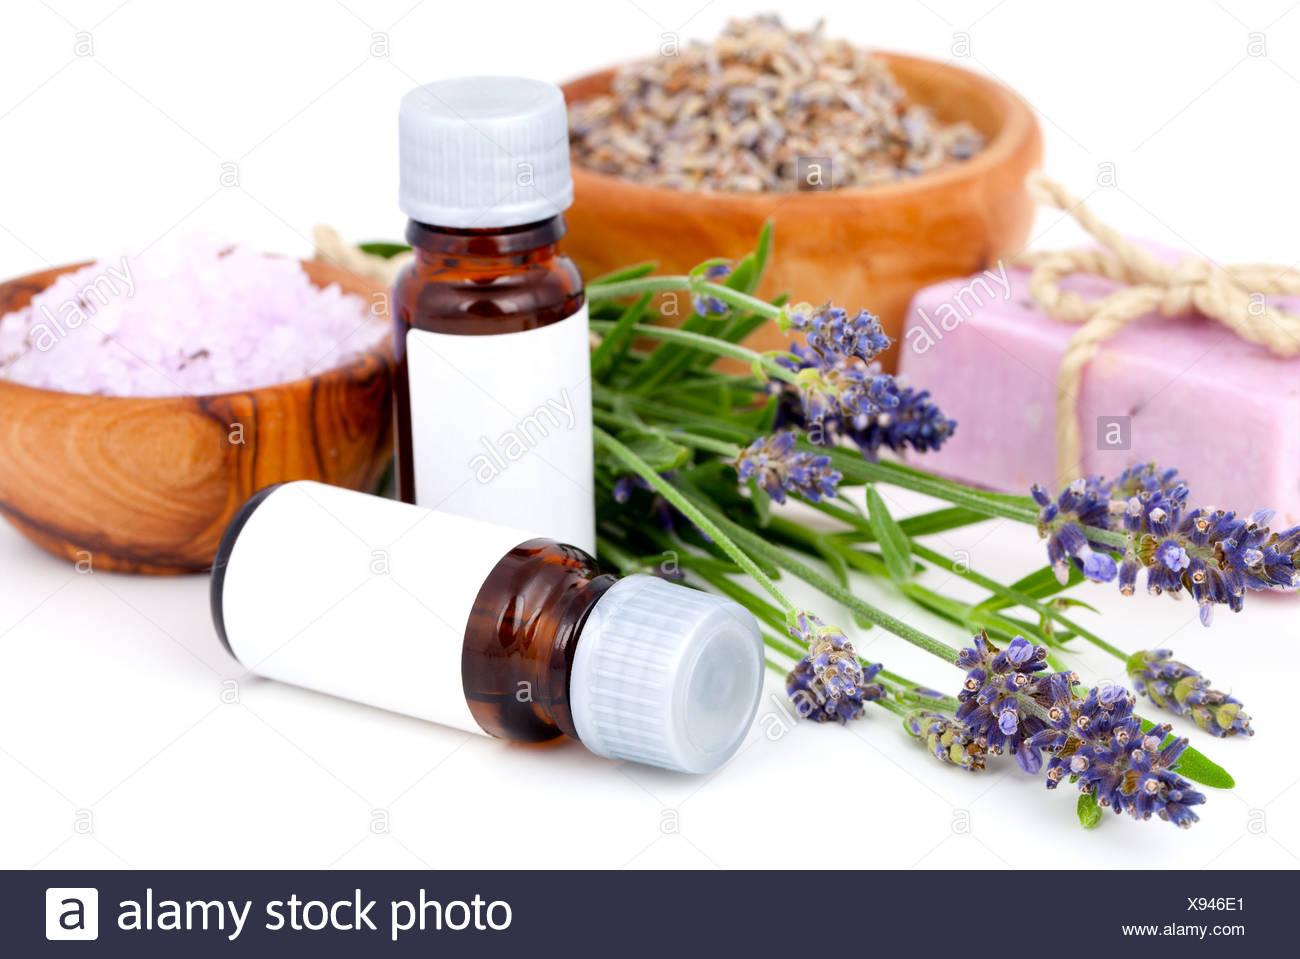 La lavanda, aceite de lavanda, sales de baño, jabón sobre fondo blanco. Imagen De Stock